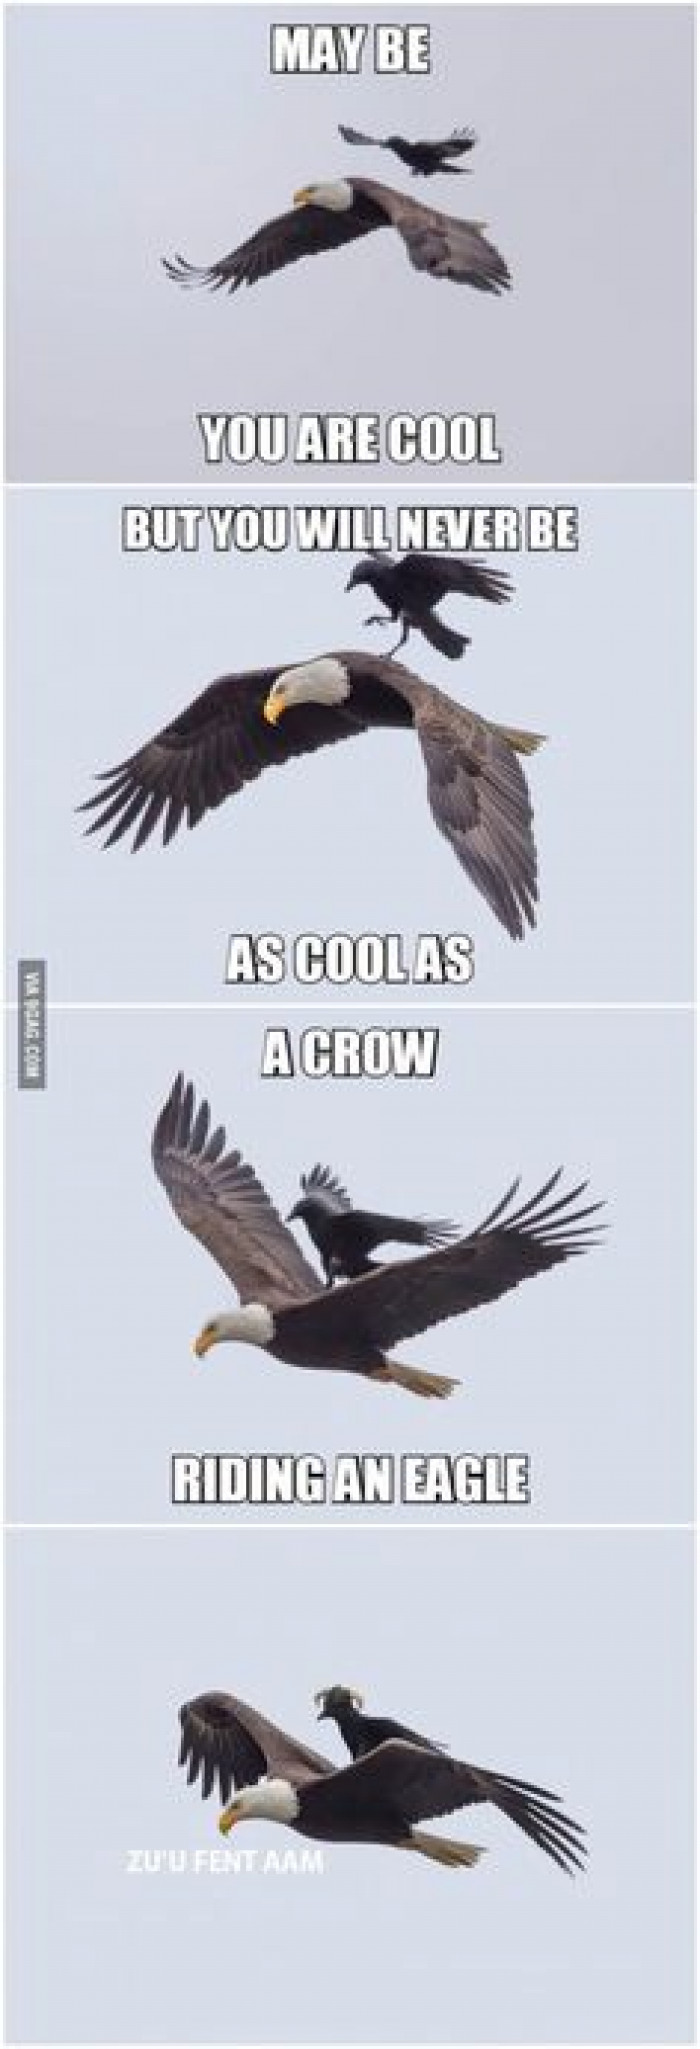 A Crow Ruidng An Eagle